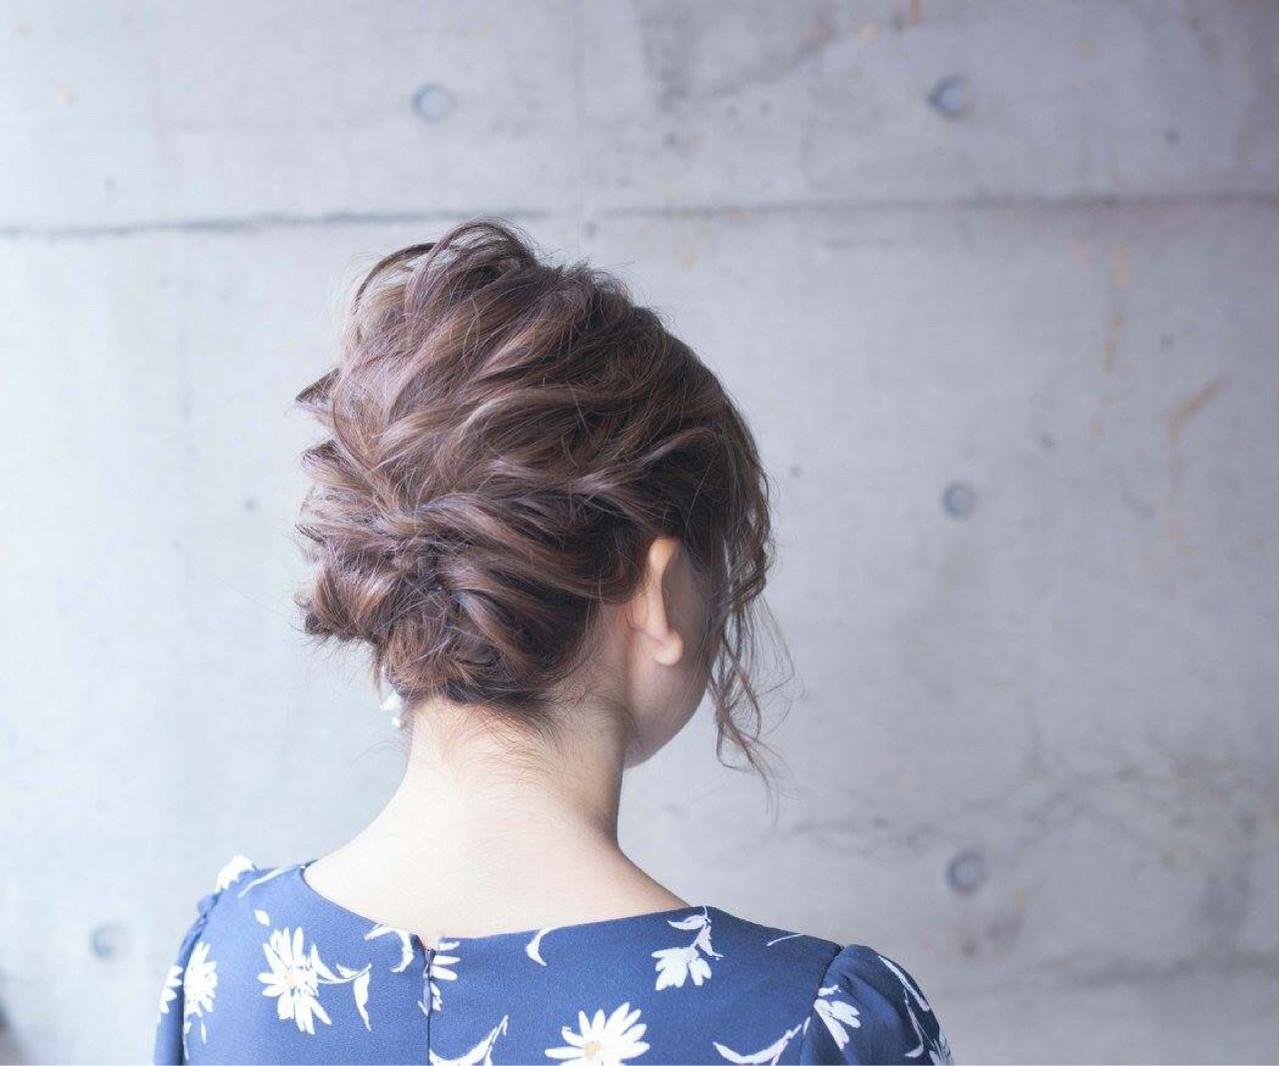 ボブ ショート パーティ 結婚式 ヘアスタイルや髪型の写真・画像 | 内田 一也 / hair/nail space a:le